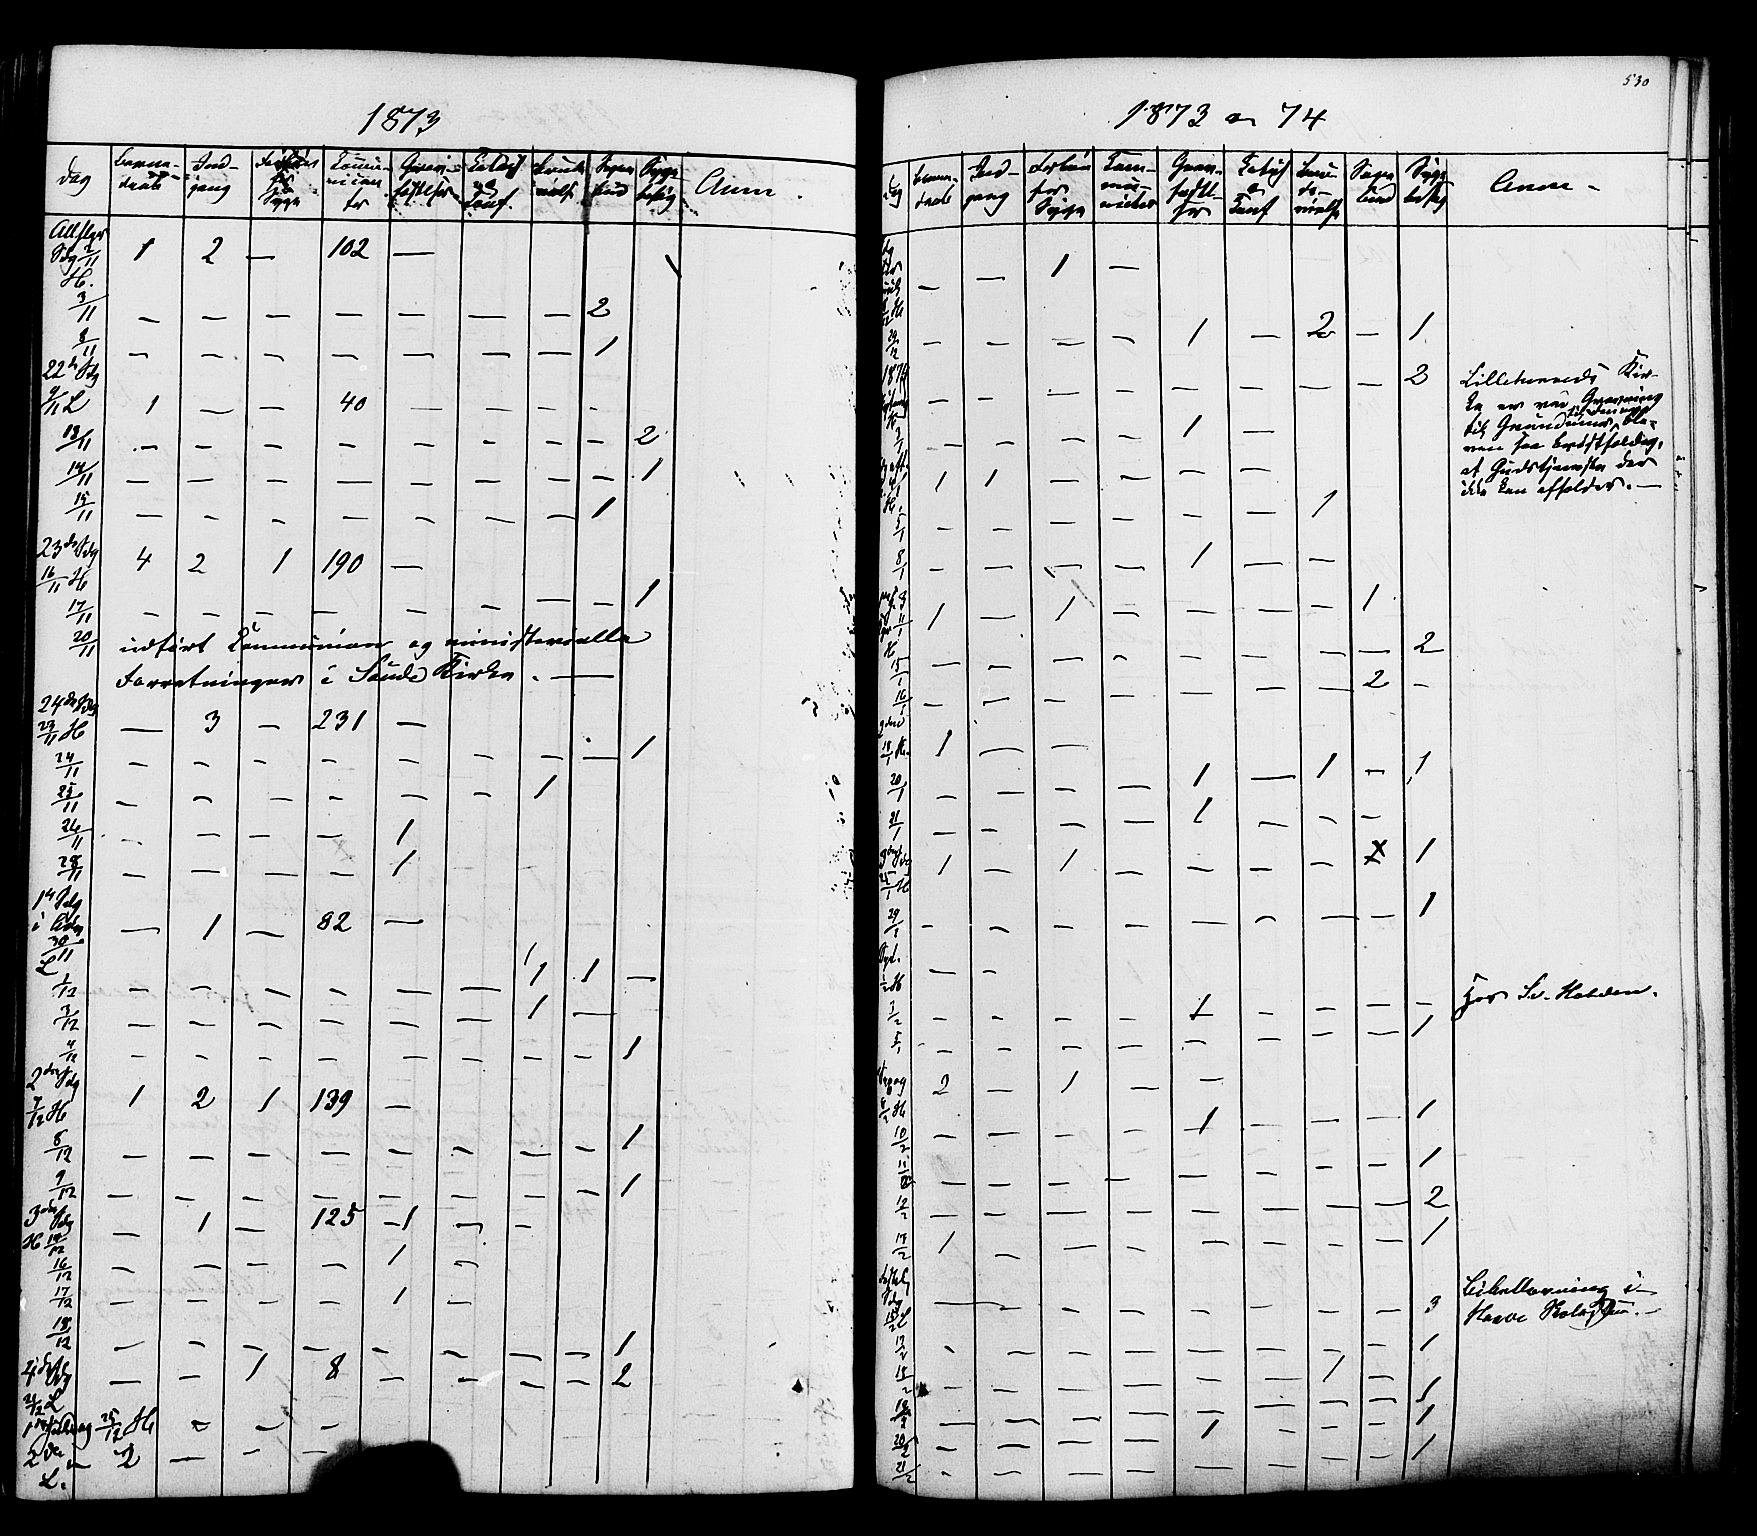 SAKO, Heddal kirkebøker, F/Fa/L0007: Ministerialbok nr. I 7, 1855-1877, s. 530